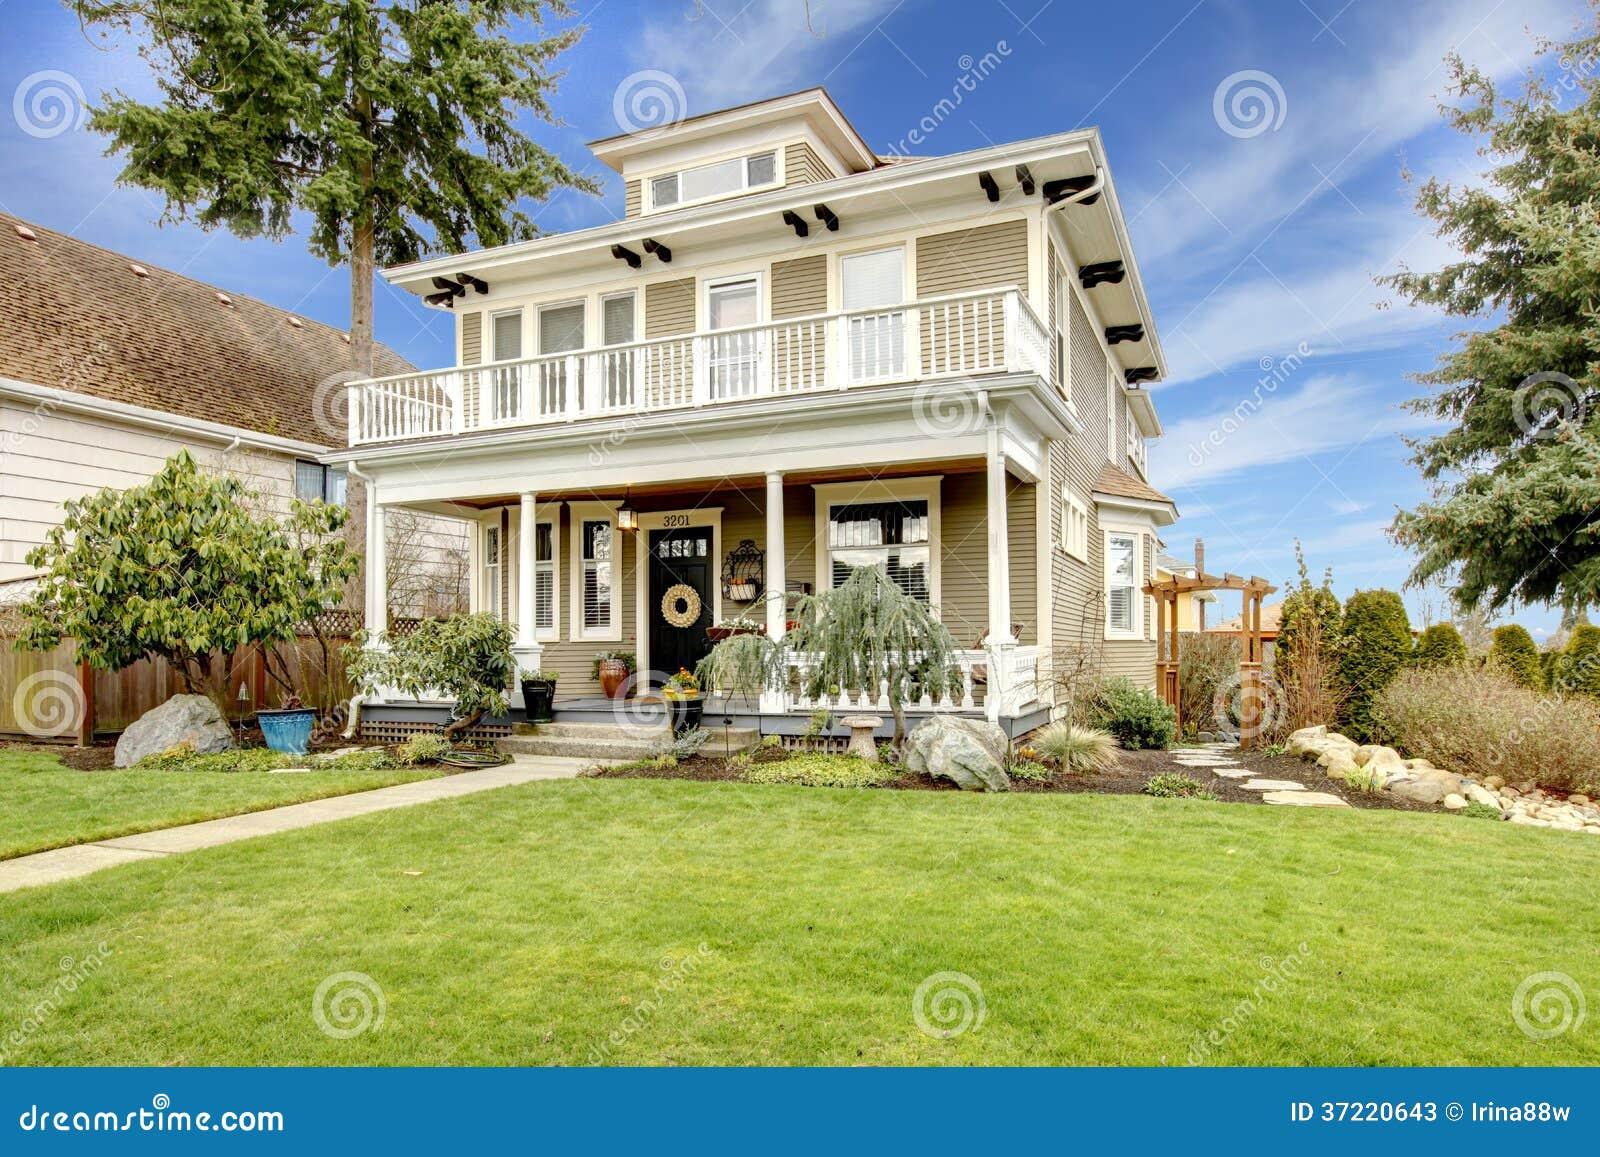 maison bois style amricain perfect awesome maisons de matre et habitations coloniales dans les. Black Bedroom Furniture Sets. Home Design Ideas